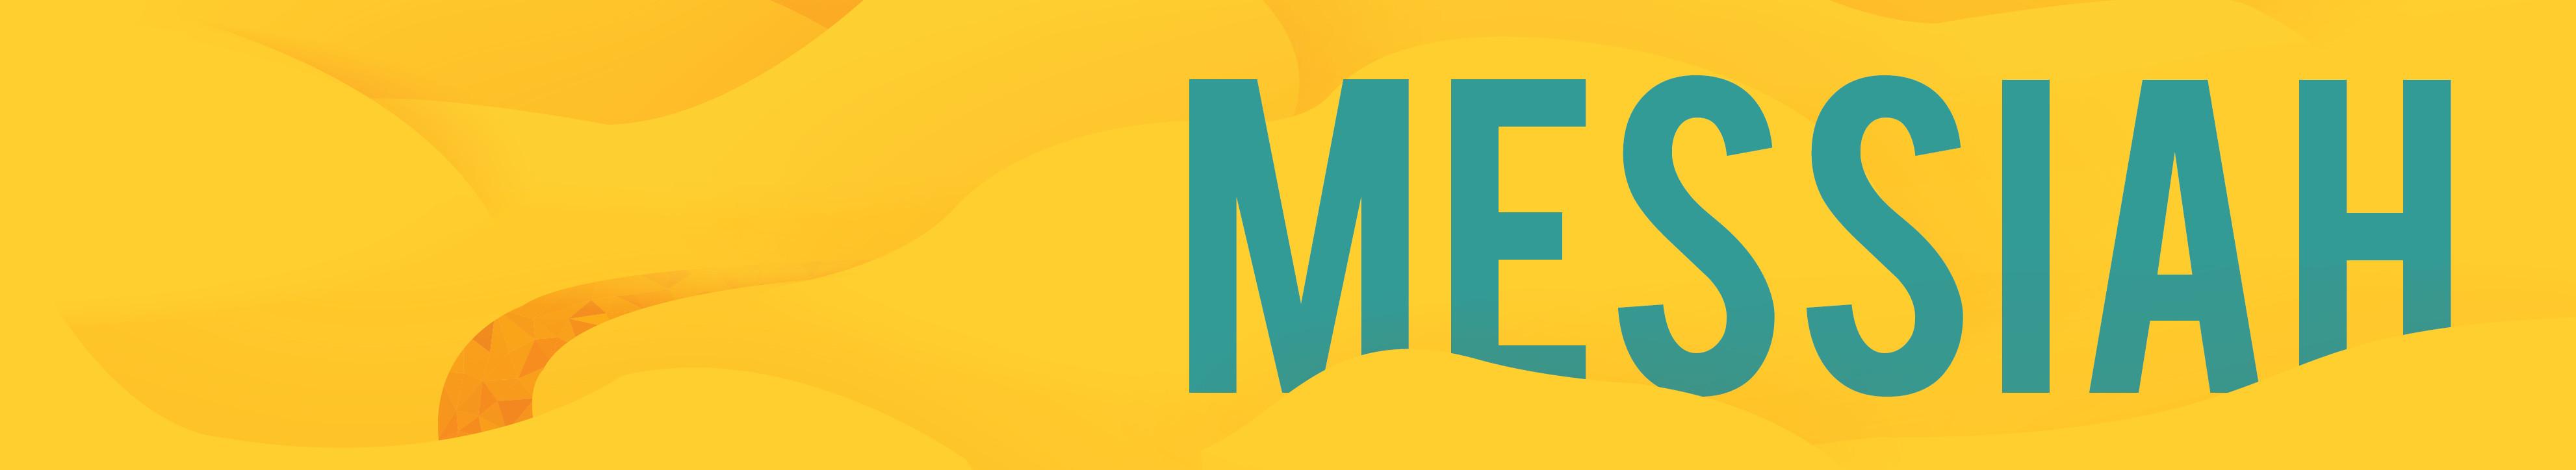 messiah slim banner